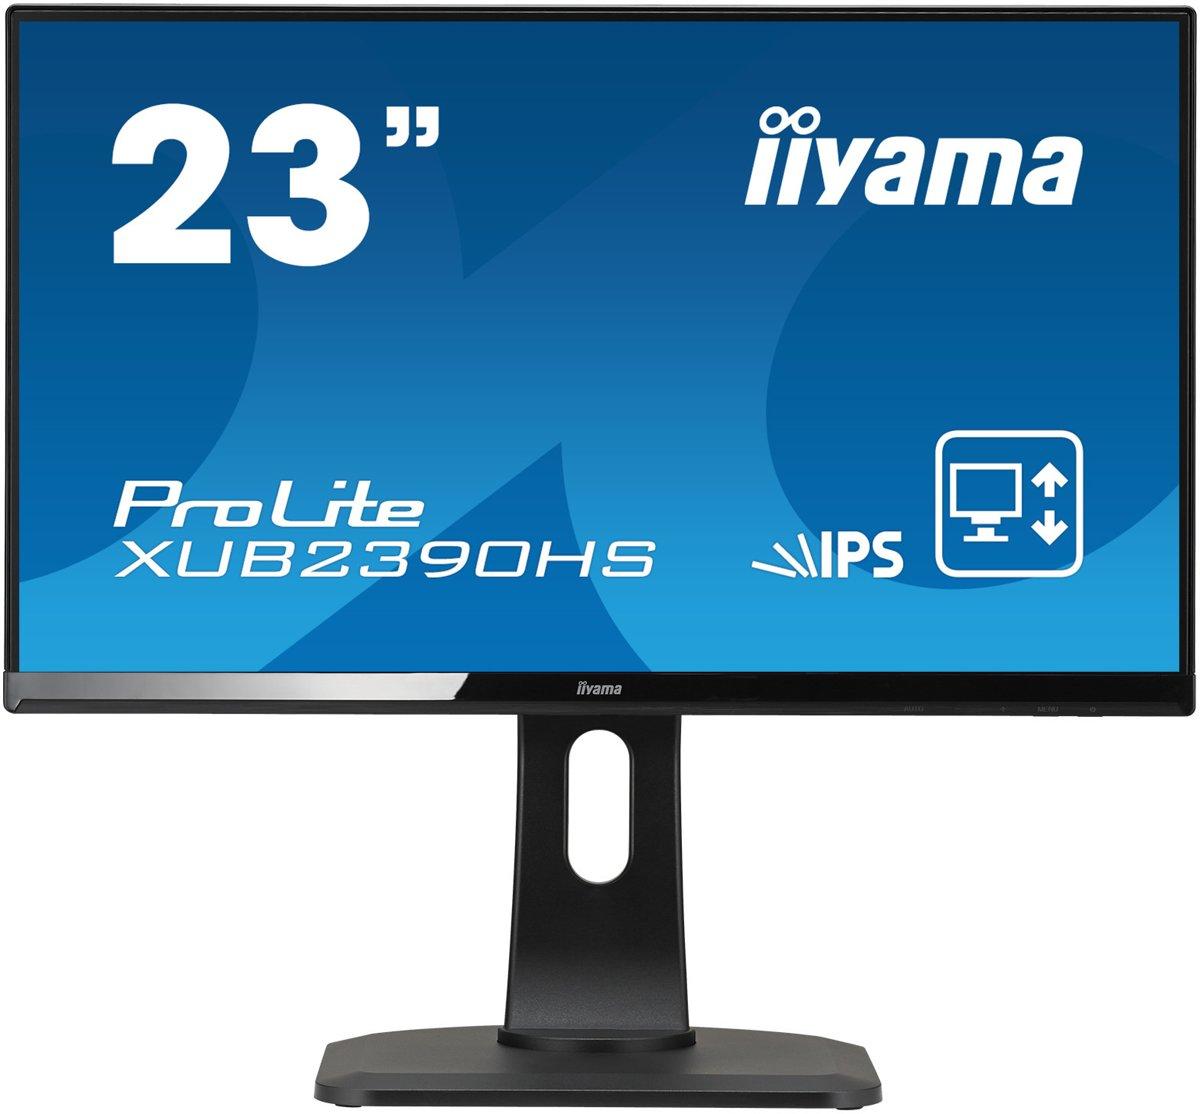 Iiyama XUB2390HS-B1 LED-monitor 58.4 cm (23 inch) Energielabel A 1920 x 1080 pix 16:9 5 ms DVI, HDMI, VGA AH-IPS LED